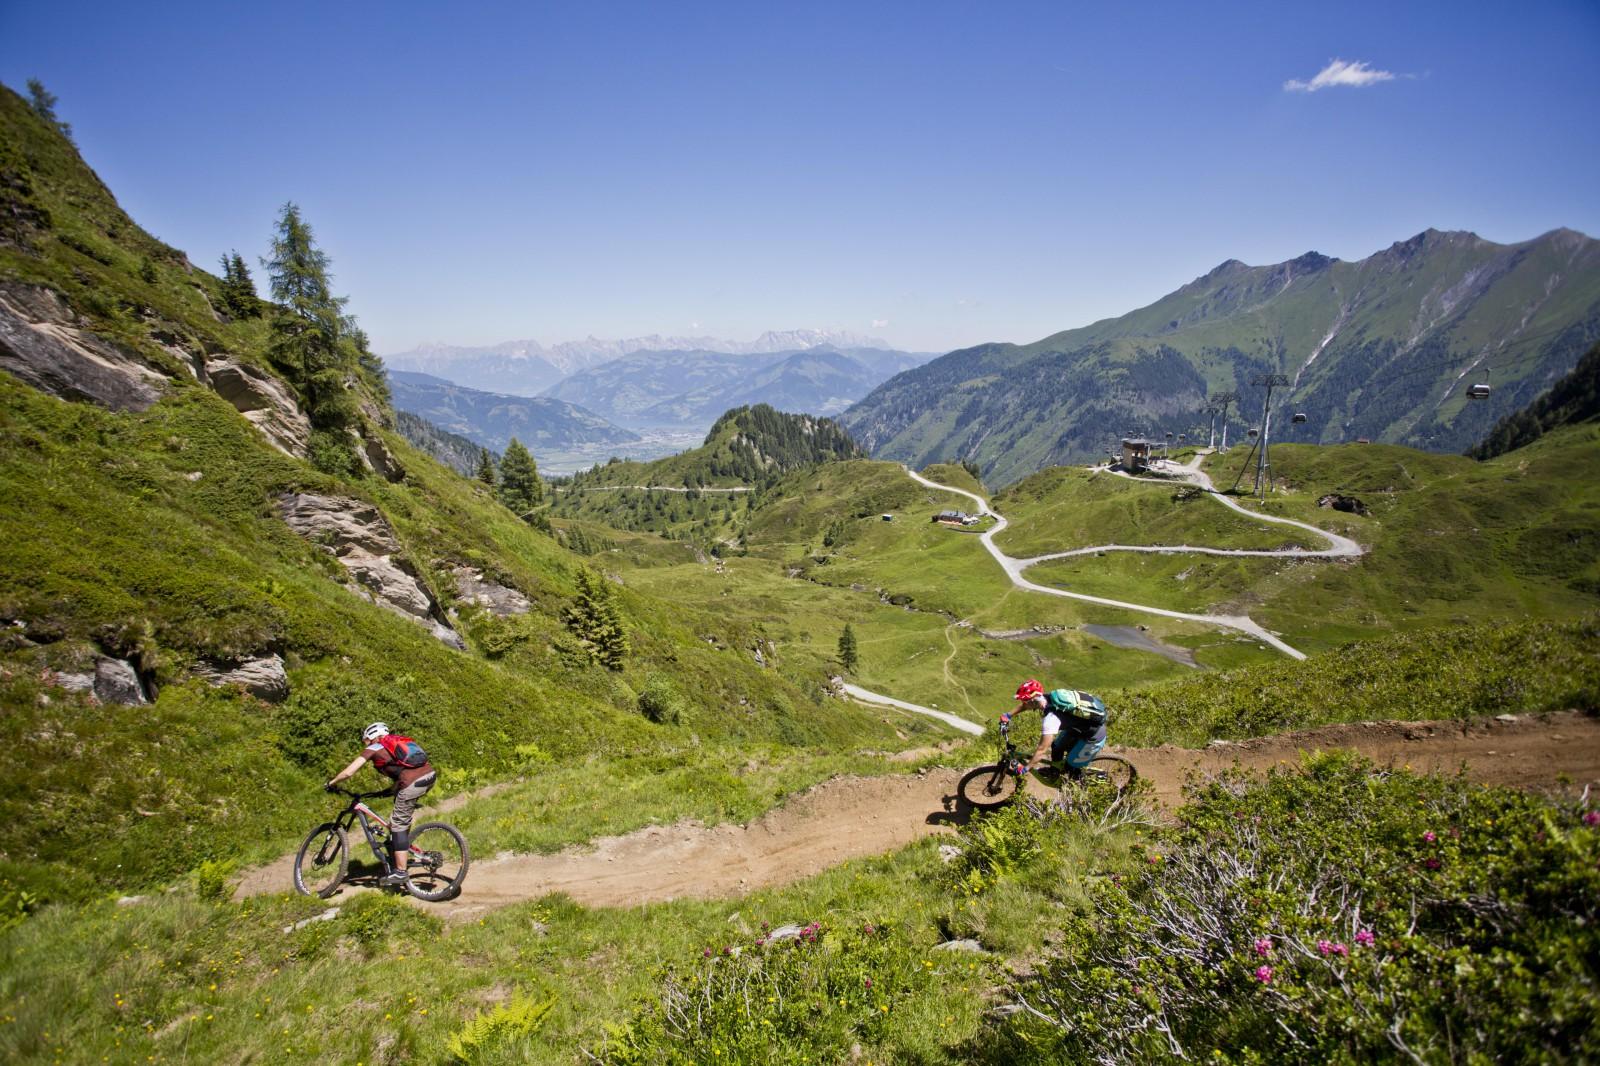 Perfekt gewartete Trails erwarten die Fahrer am Kitzsteinhorn.